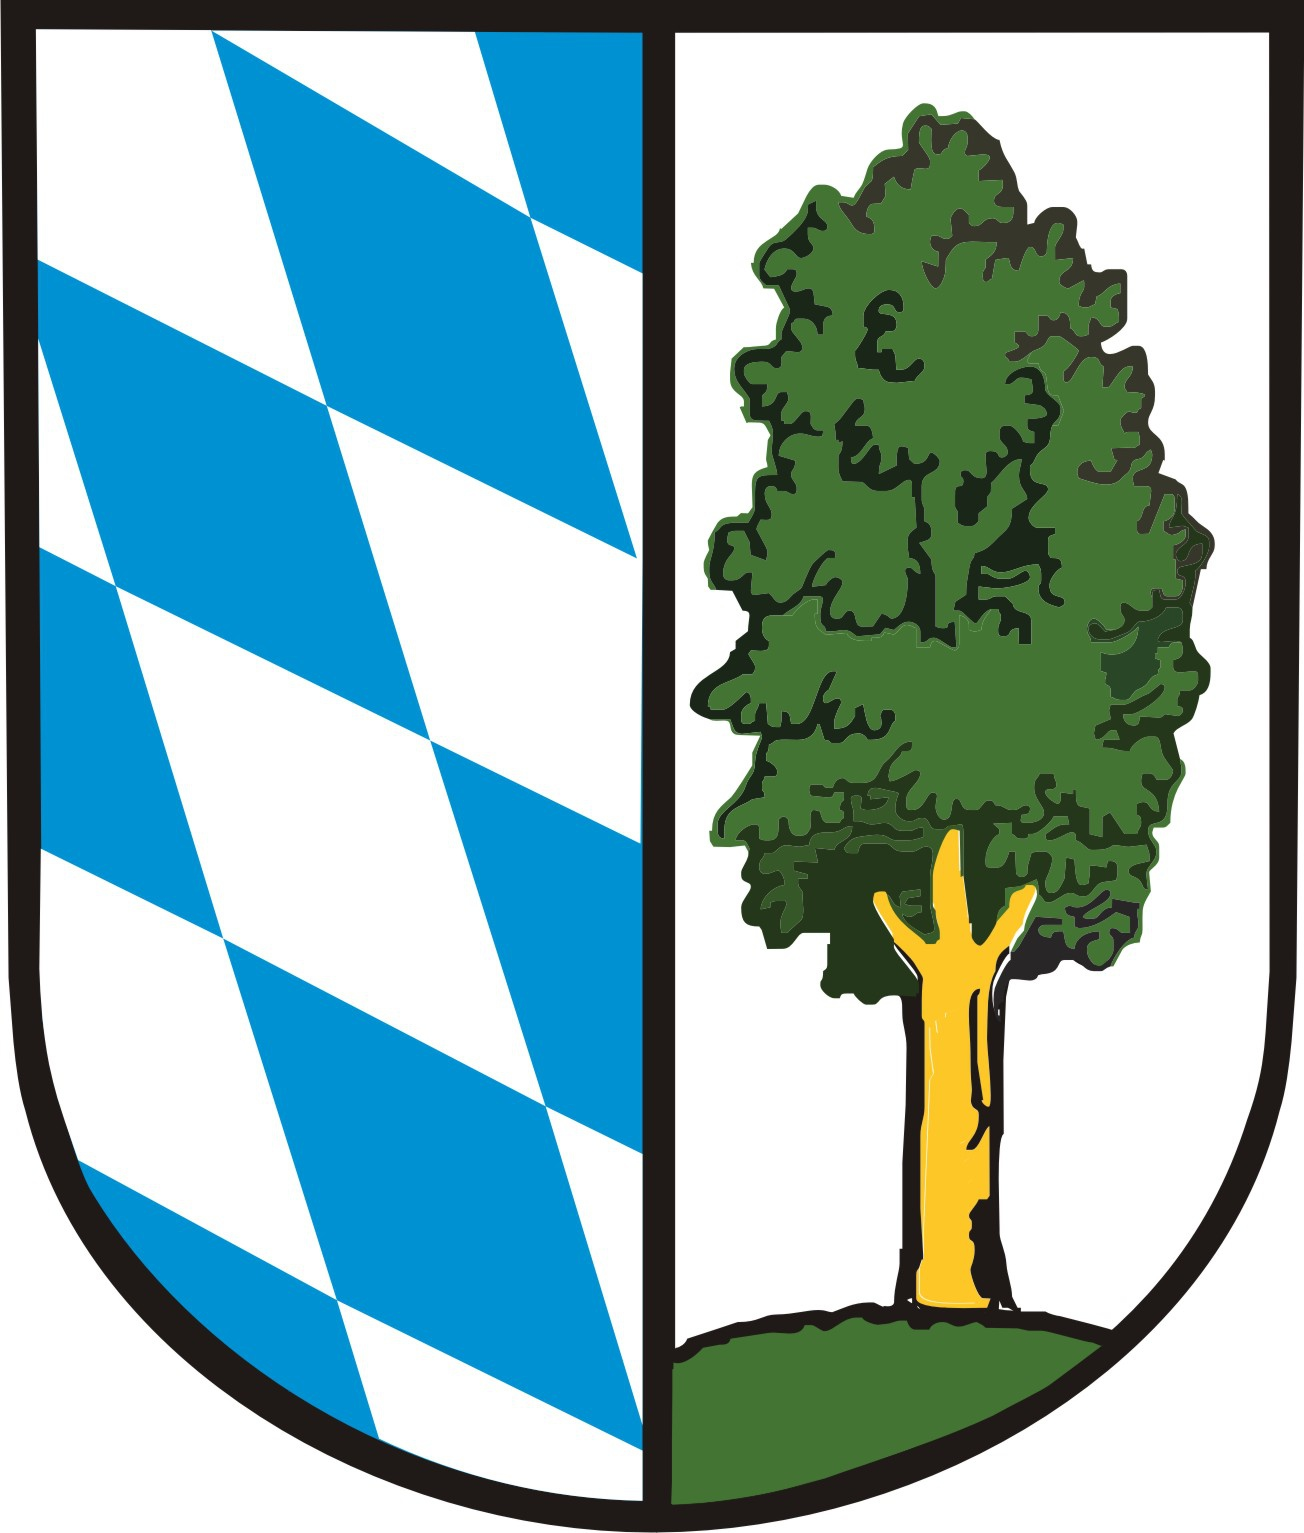 Liste der Wappen im Landkreis Eichstätt.